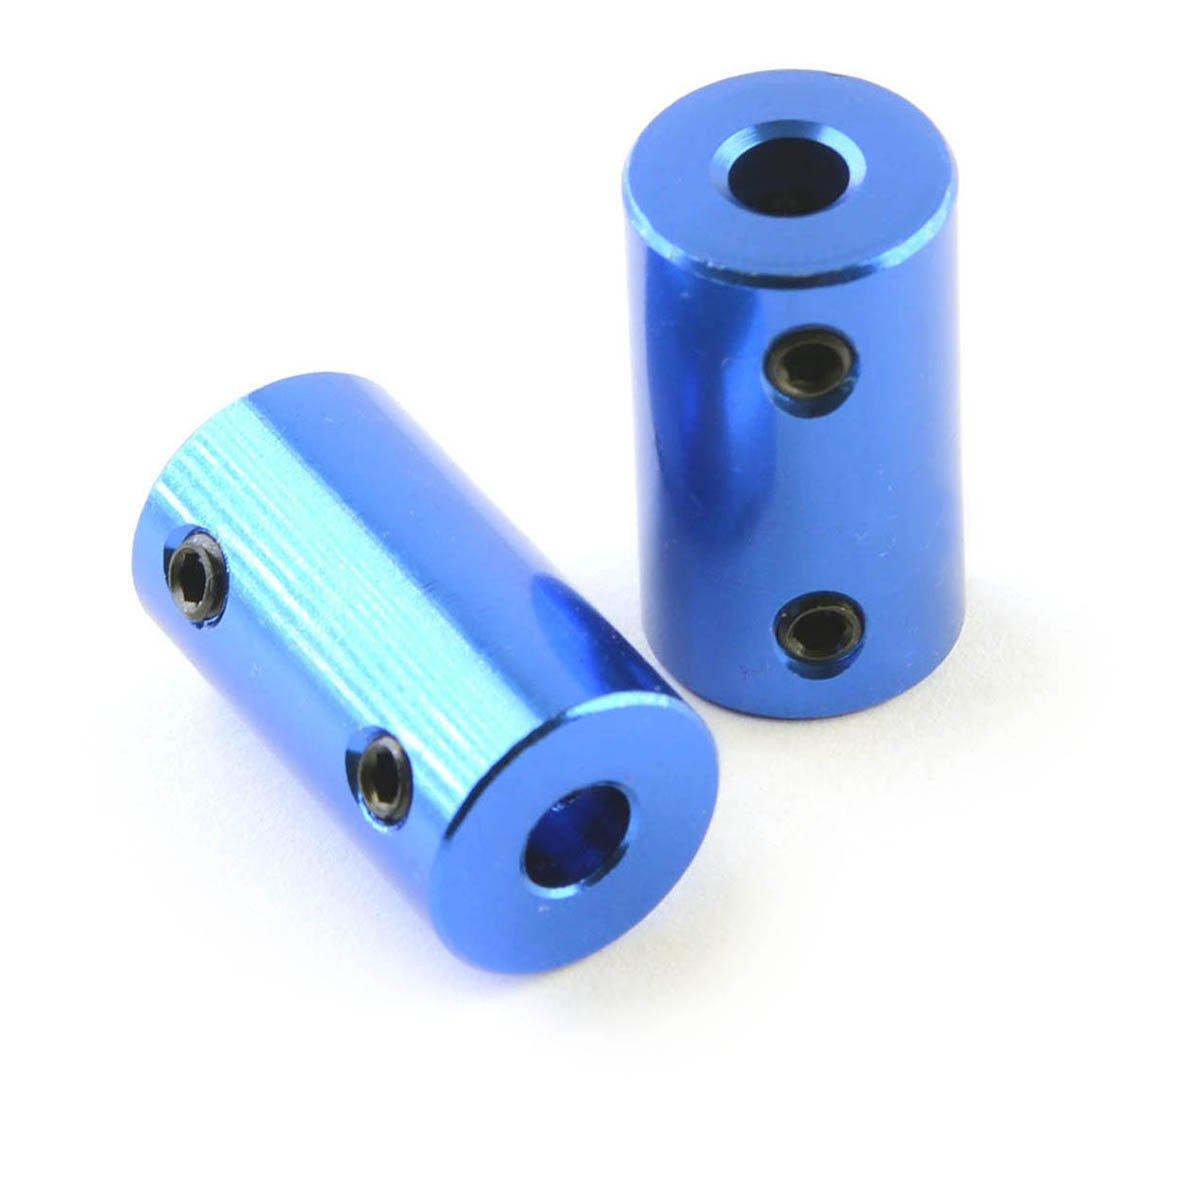 2 PCS x Rigid Shaft Coupler 5mm To 8mm for CNC Routers Reprap  Prusa 3D printers